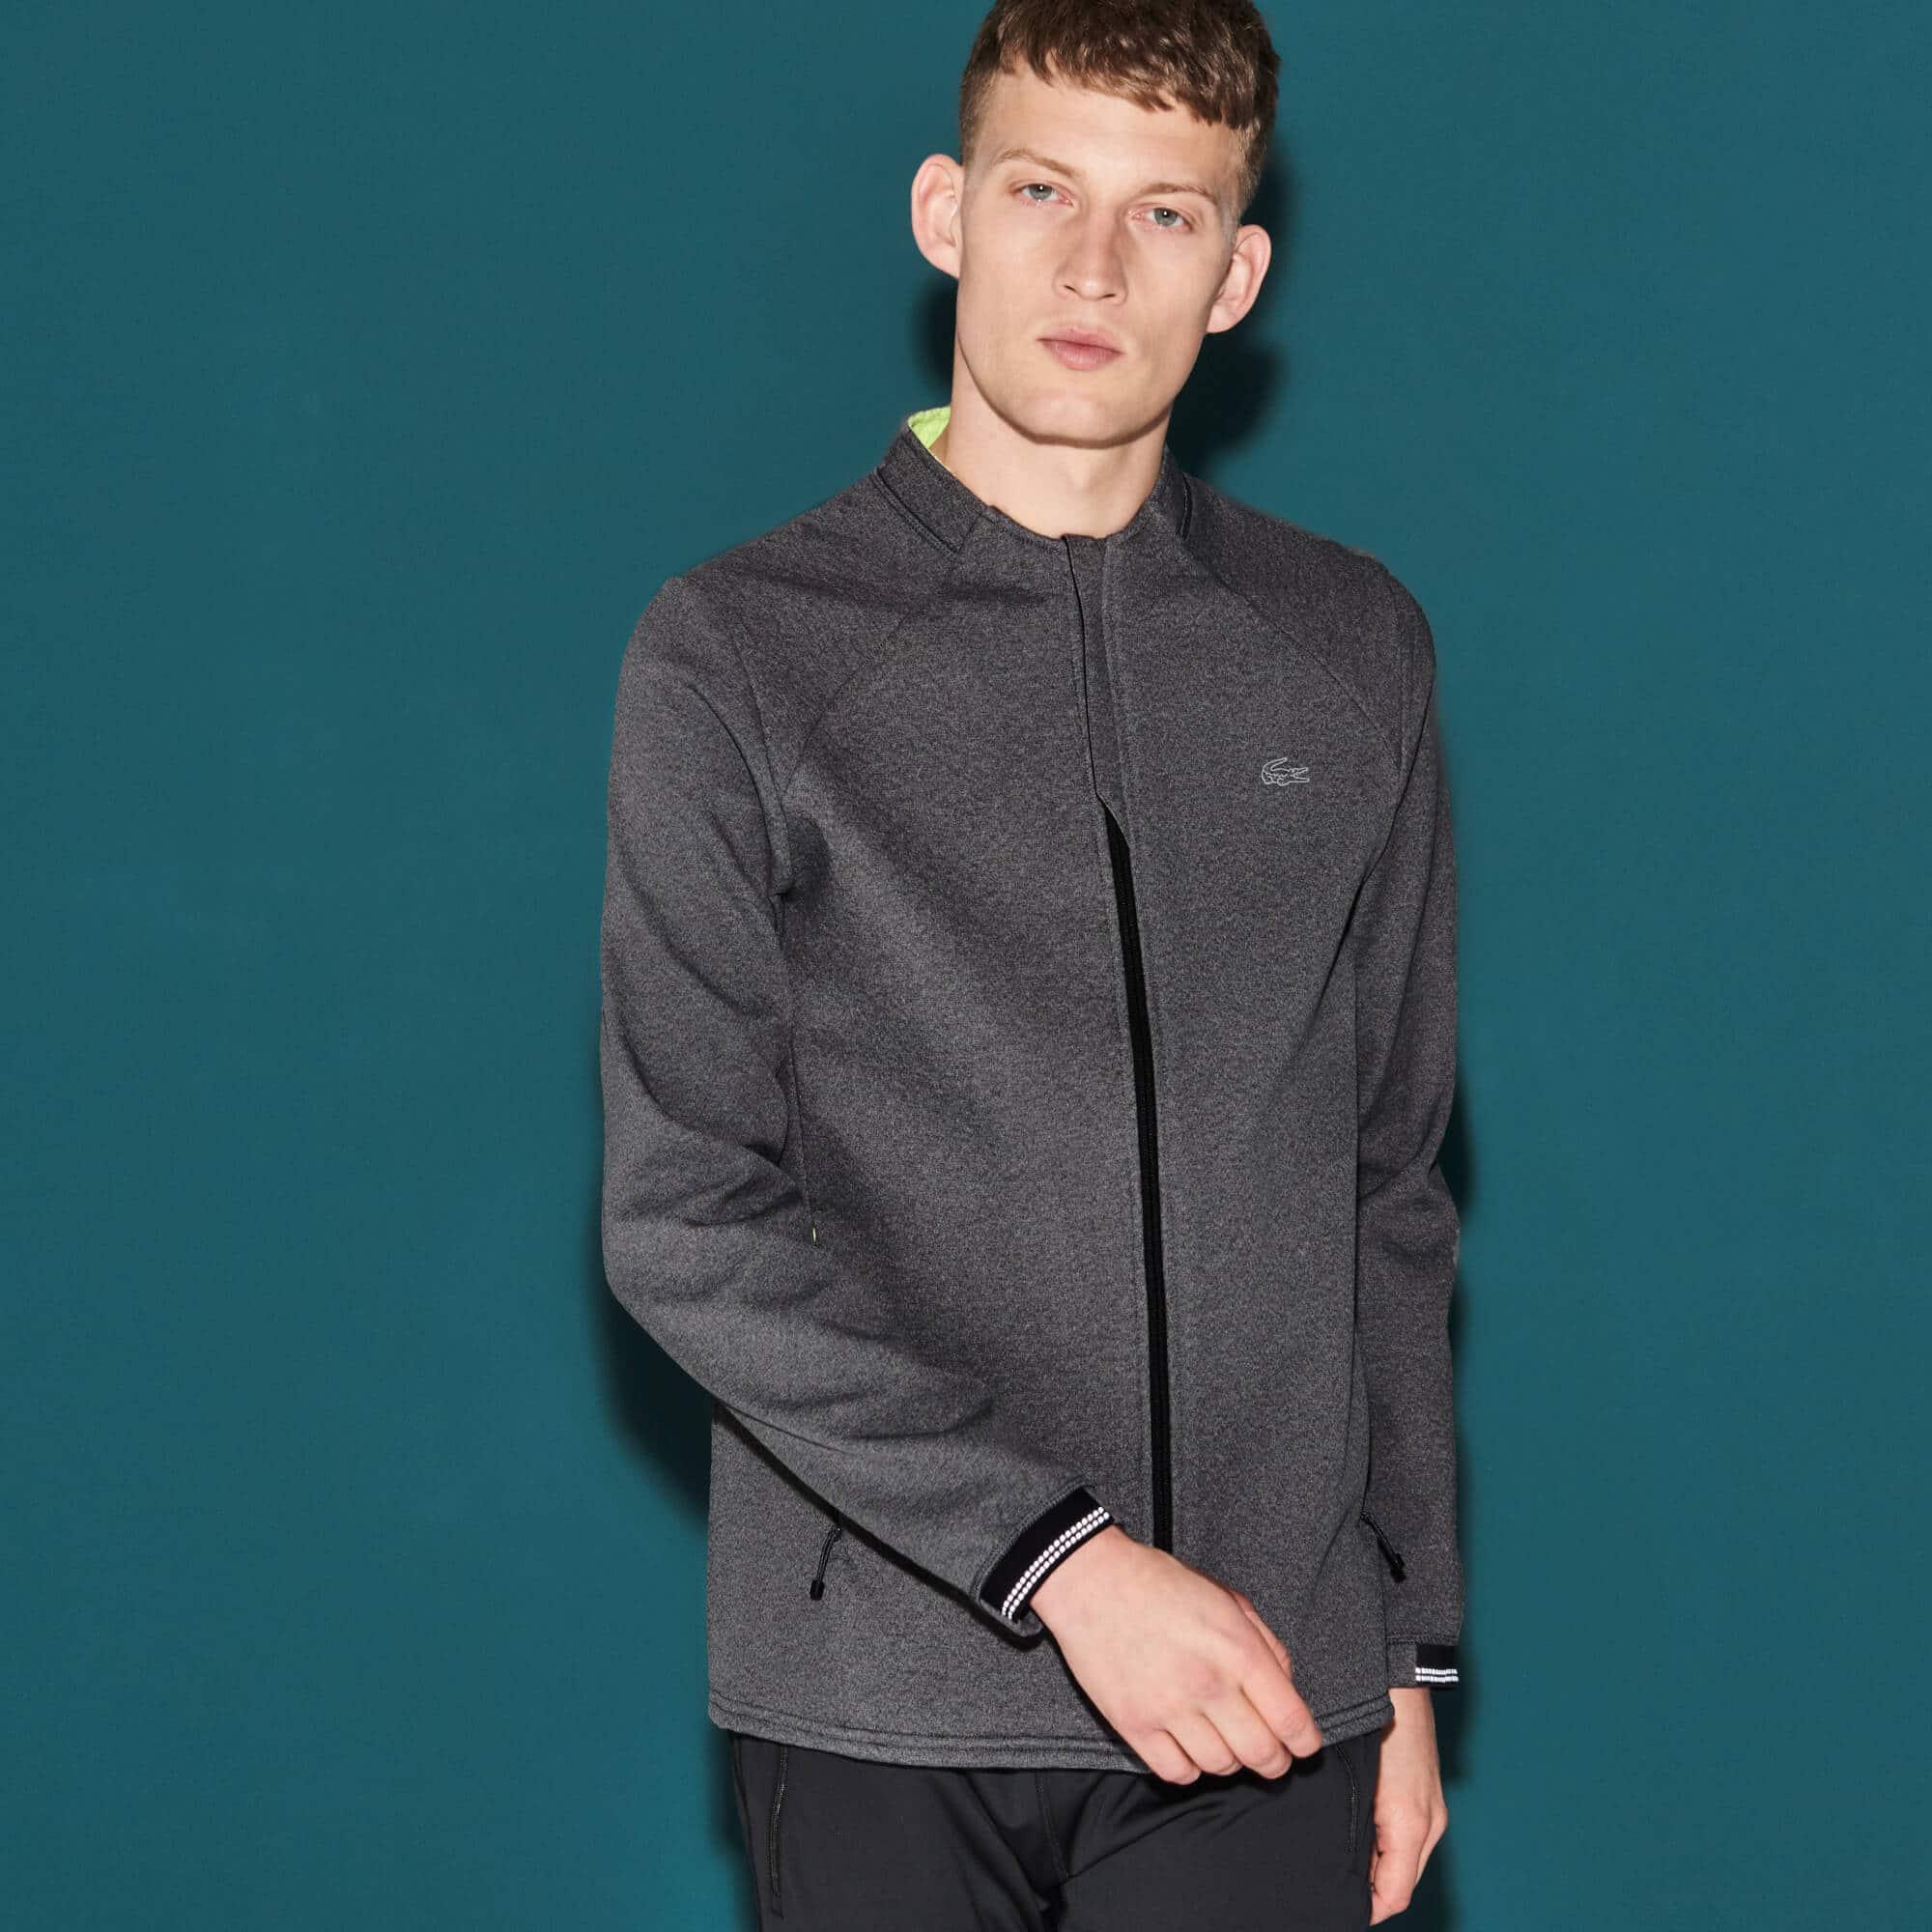 Men's Lacoste SPORT Fleece Midlayer Zip Tennis Sweatshirt